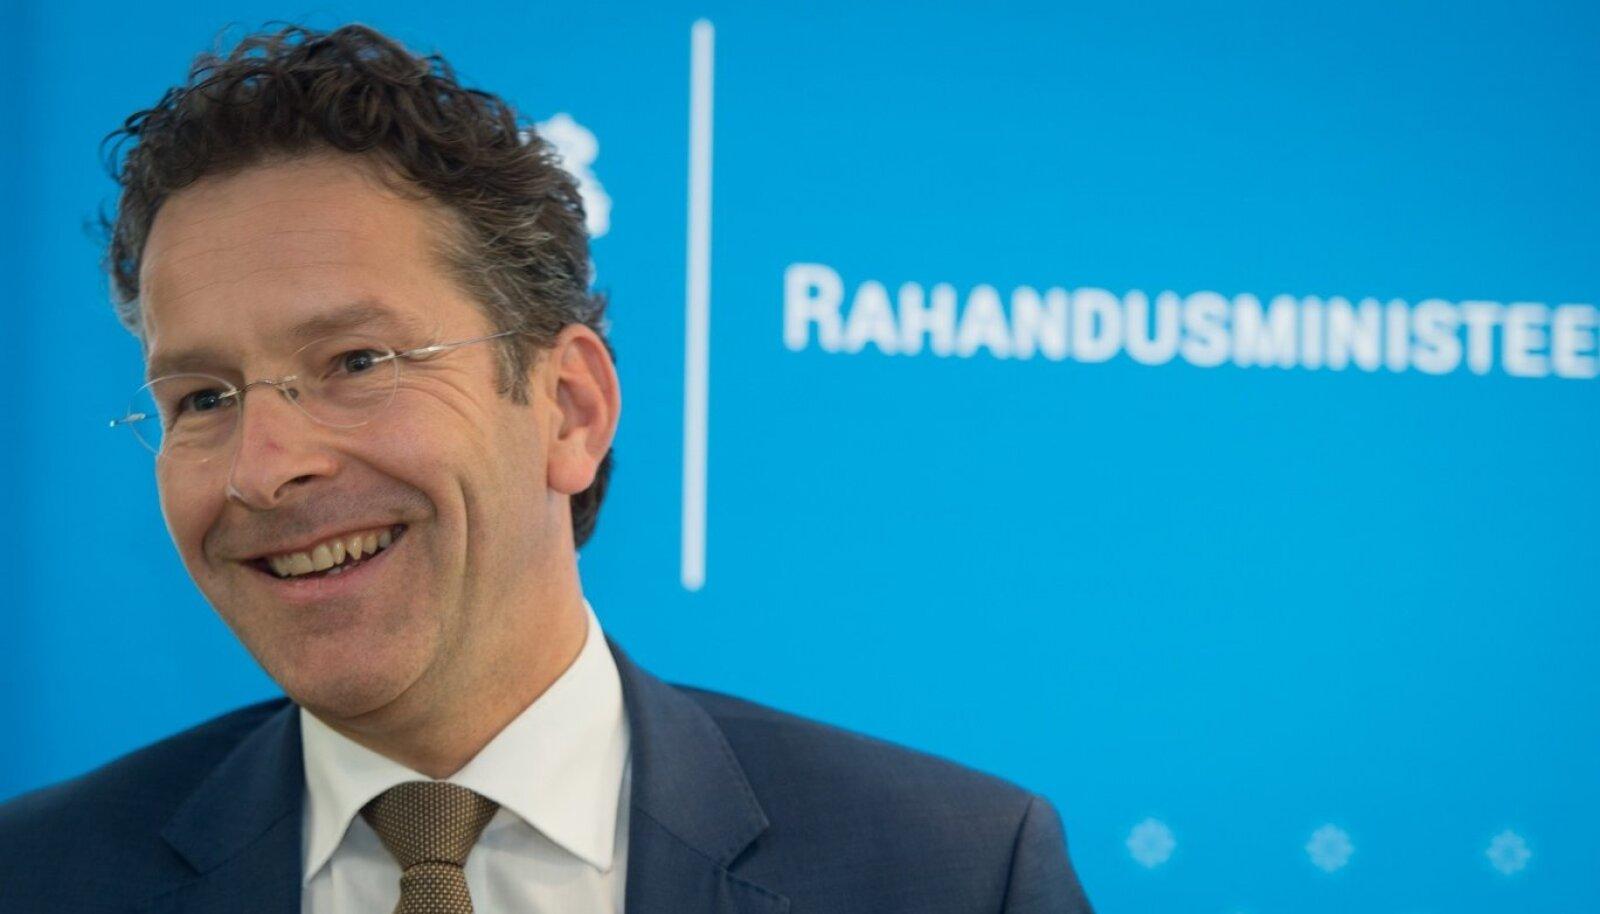 Hollandi rahandusminister Jeroen Dijsselbloem